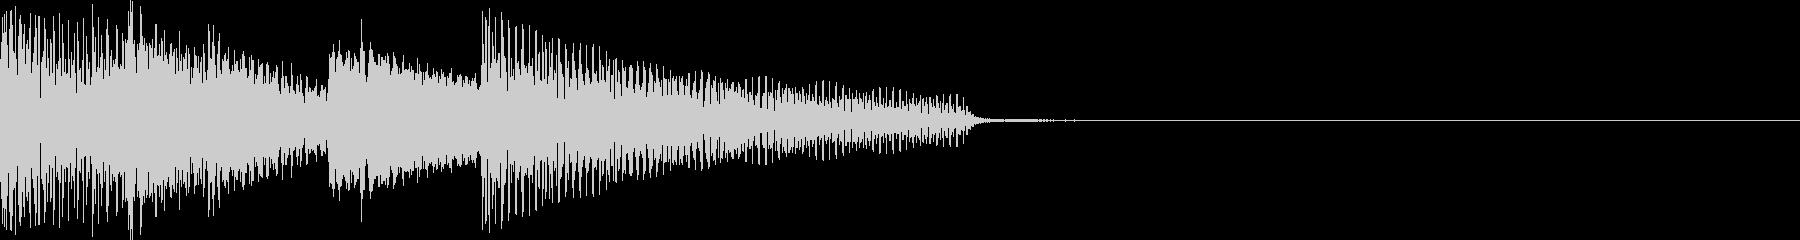 レトロなエレピのジングルの未再生の波形